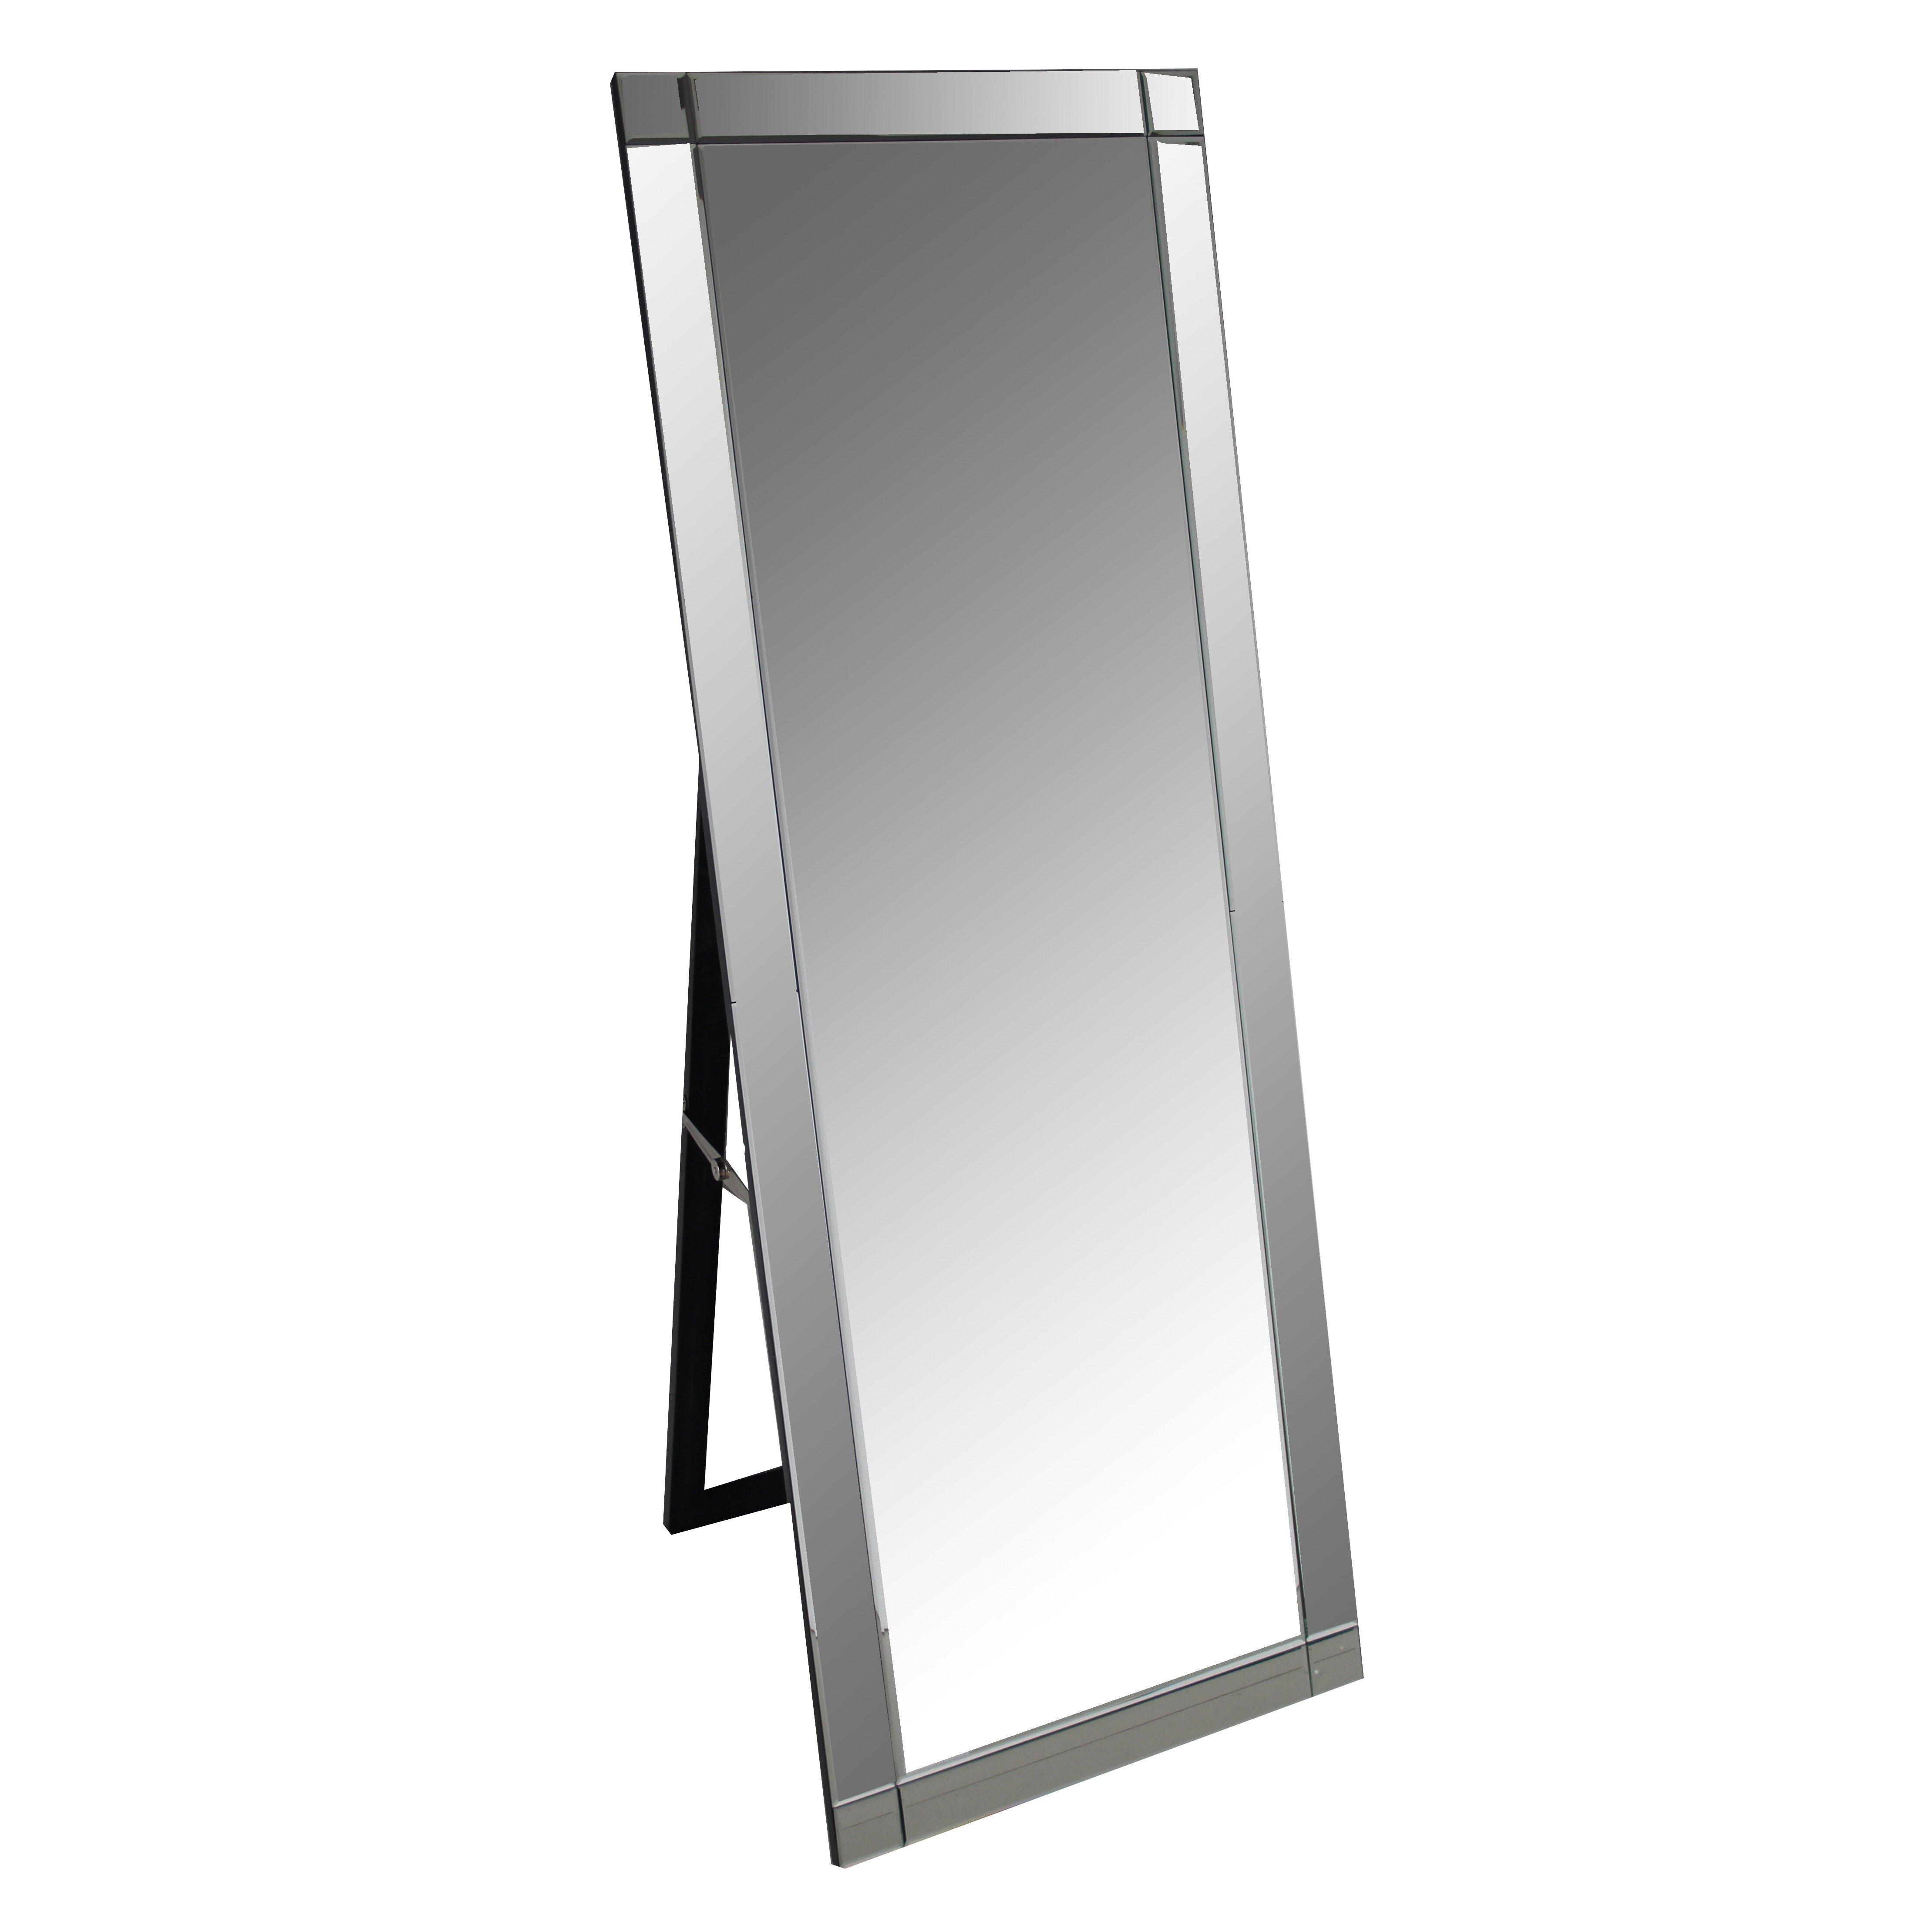 Brayden studio standing floor mirror reviews wayfair for Glass floor mirror